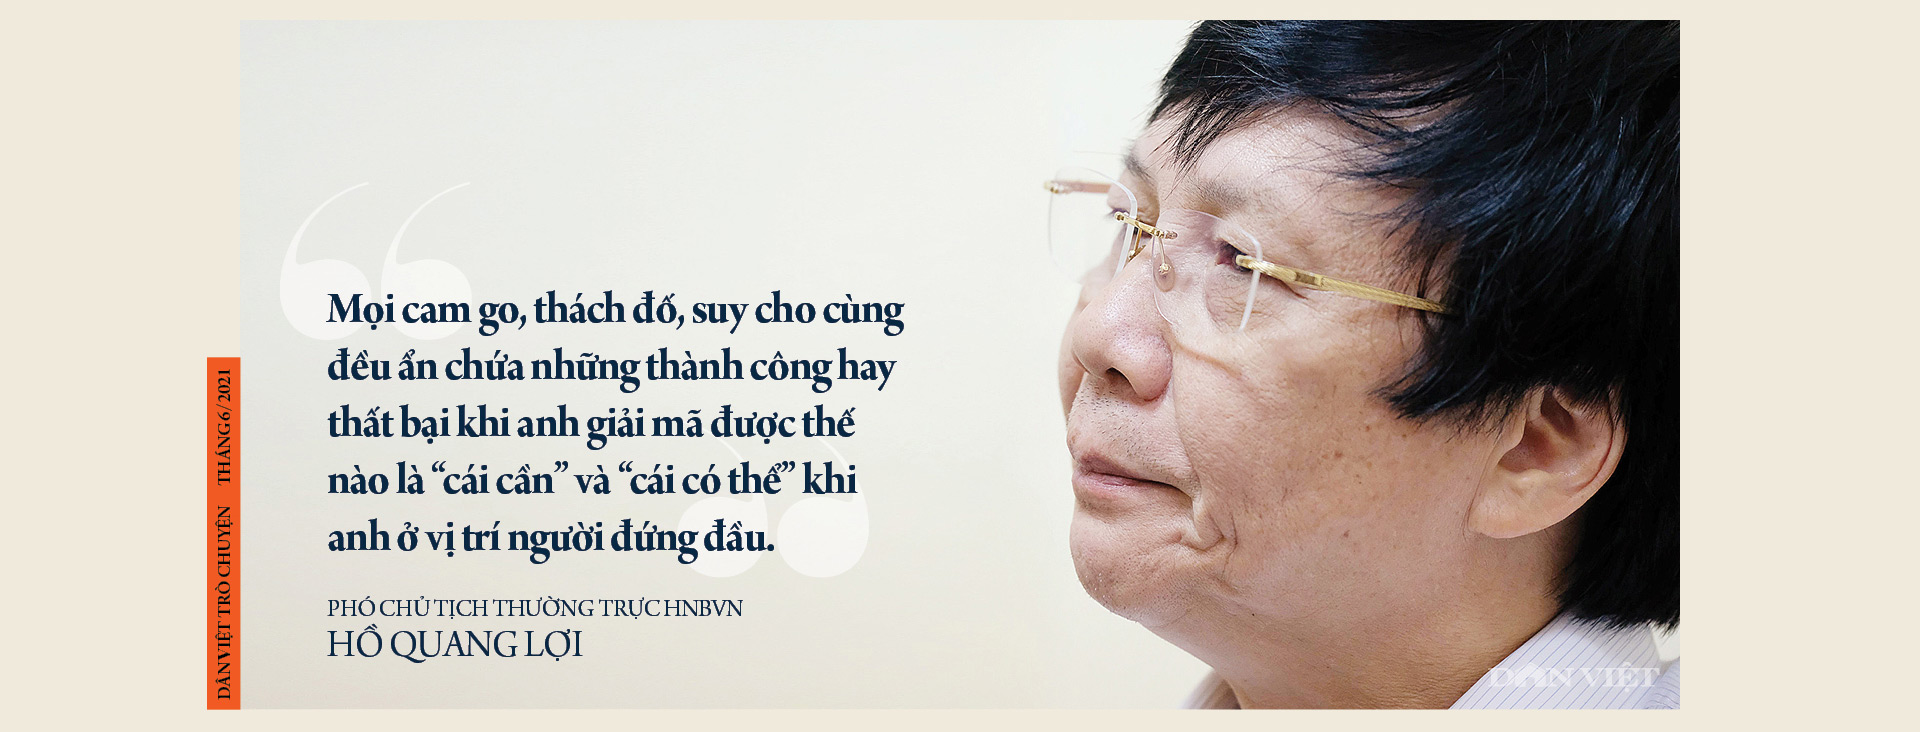 Nhà báo Hồ Quang Lợi: Dù công nghệ thay đổi ra sao, mấu chốt nghề báo vẫn là vì công lý và sự thật - Ảnh 10.